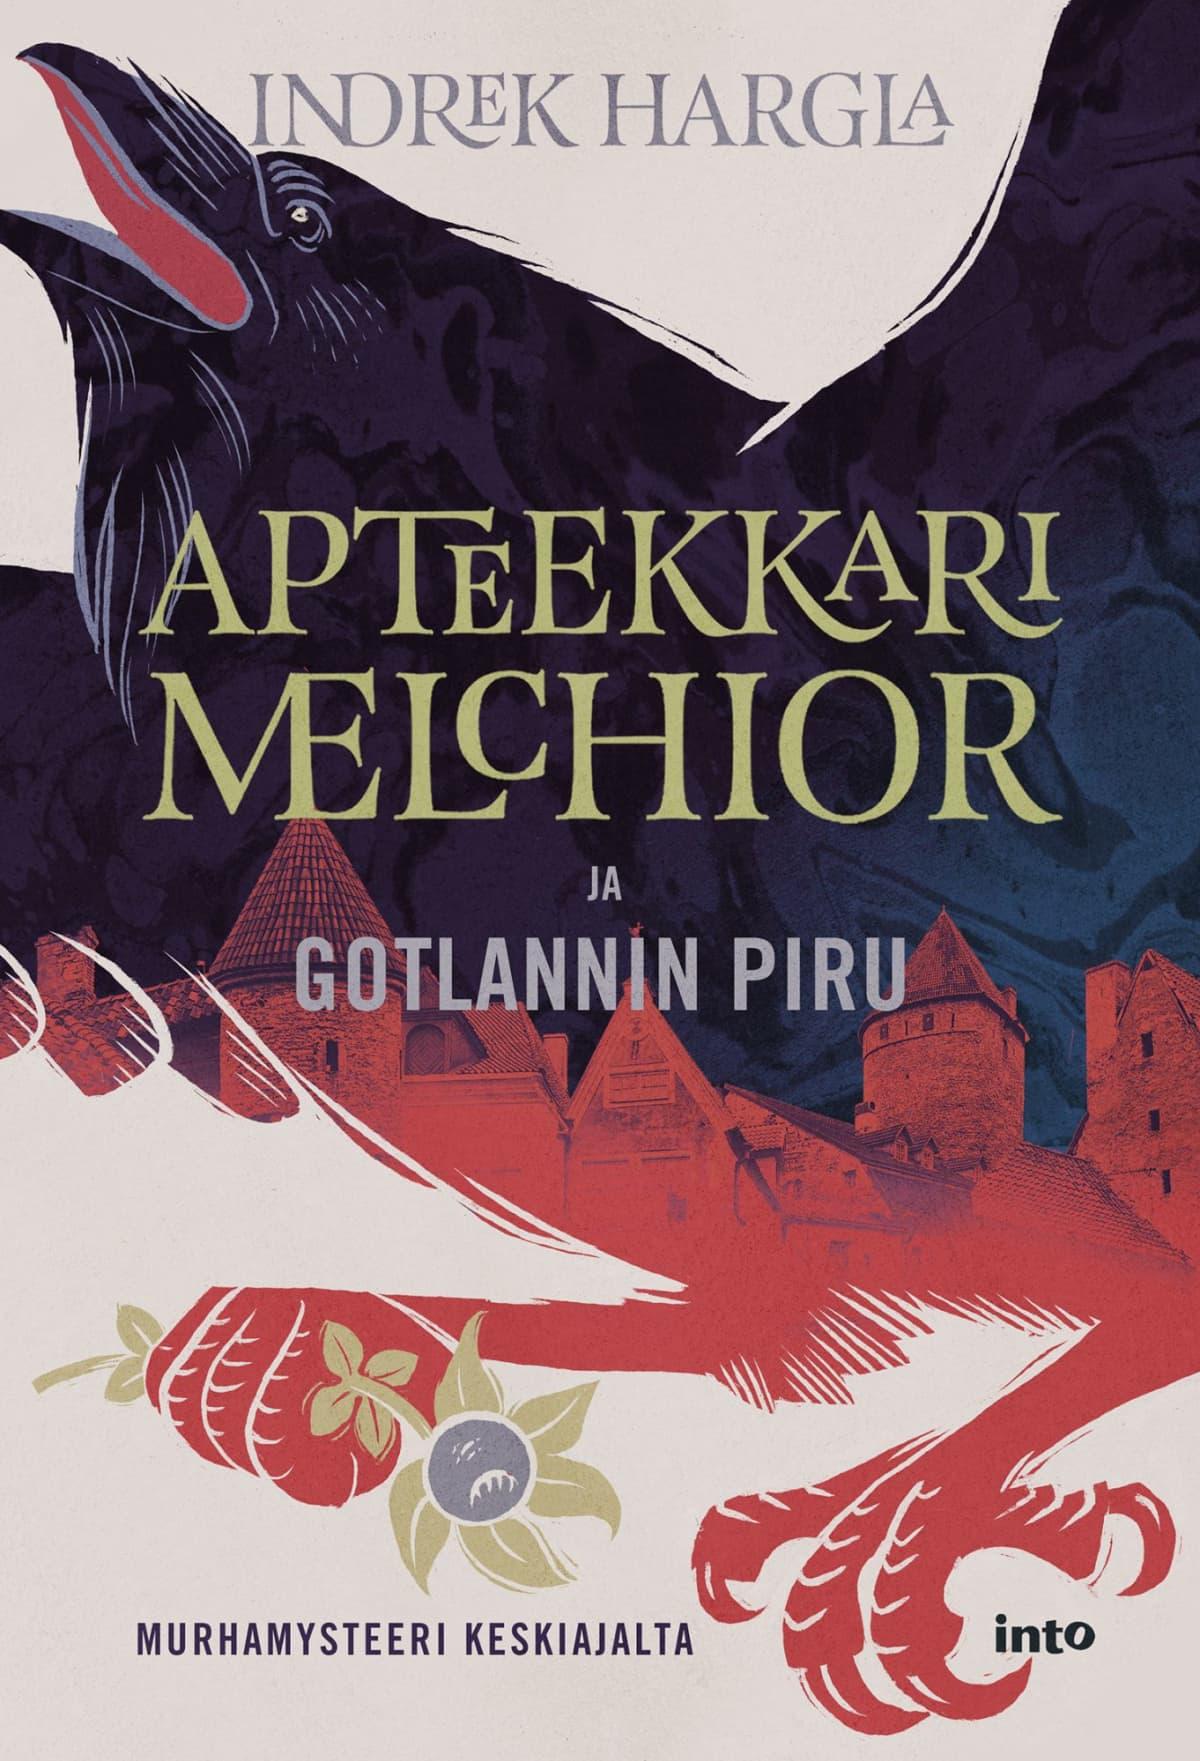 Indrek Harglan viimeisimmän kirjan kansi, Apteekkari Melchior ja Gotlannin piru